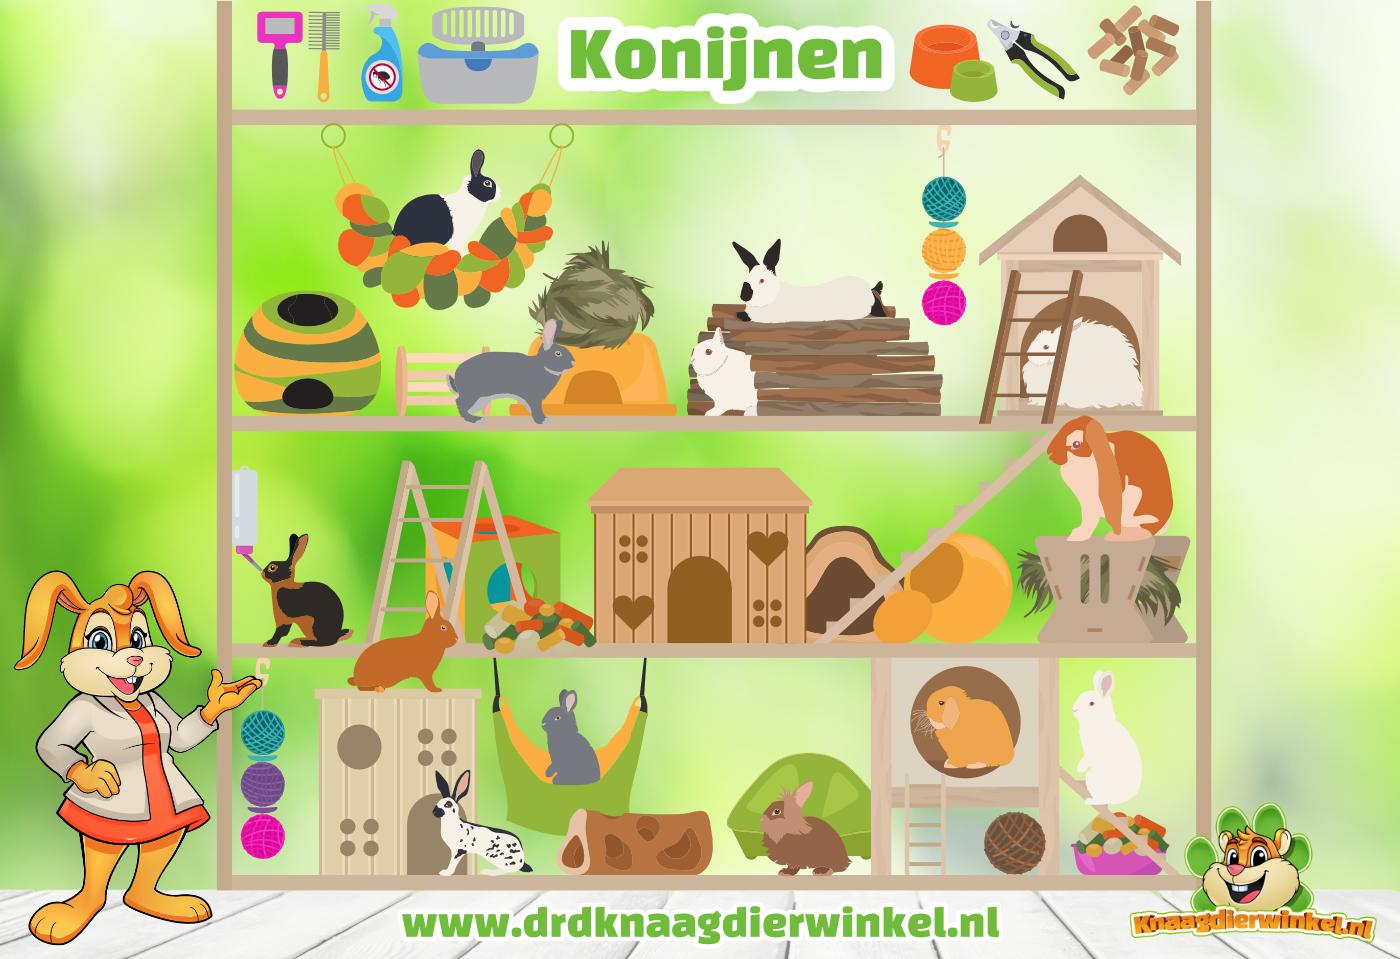 konijnen informatie